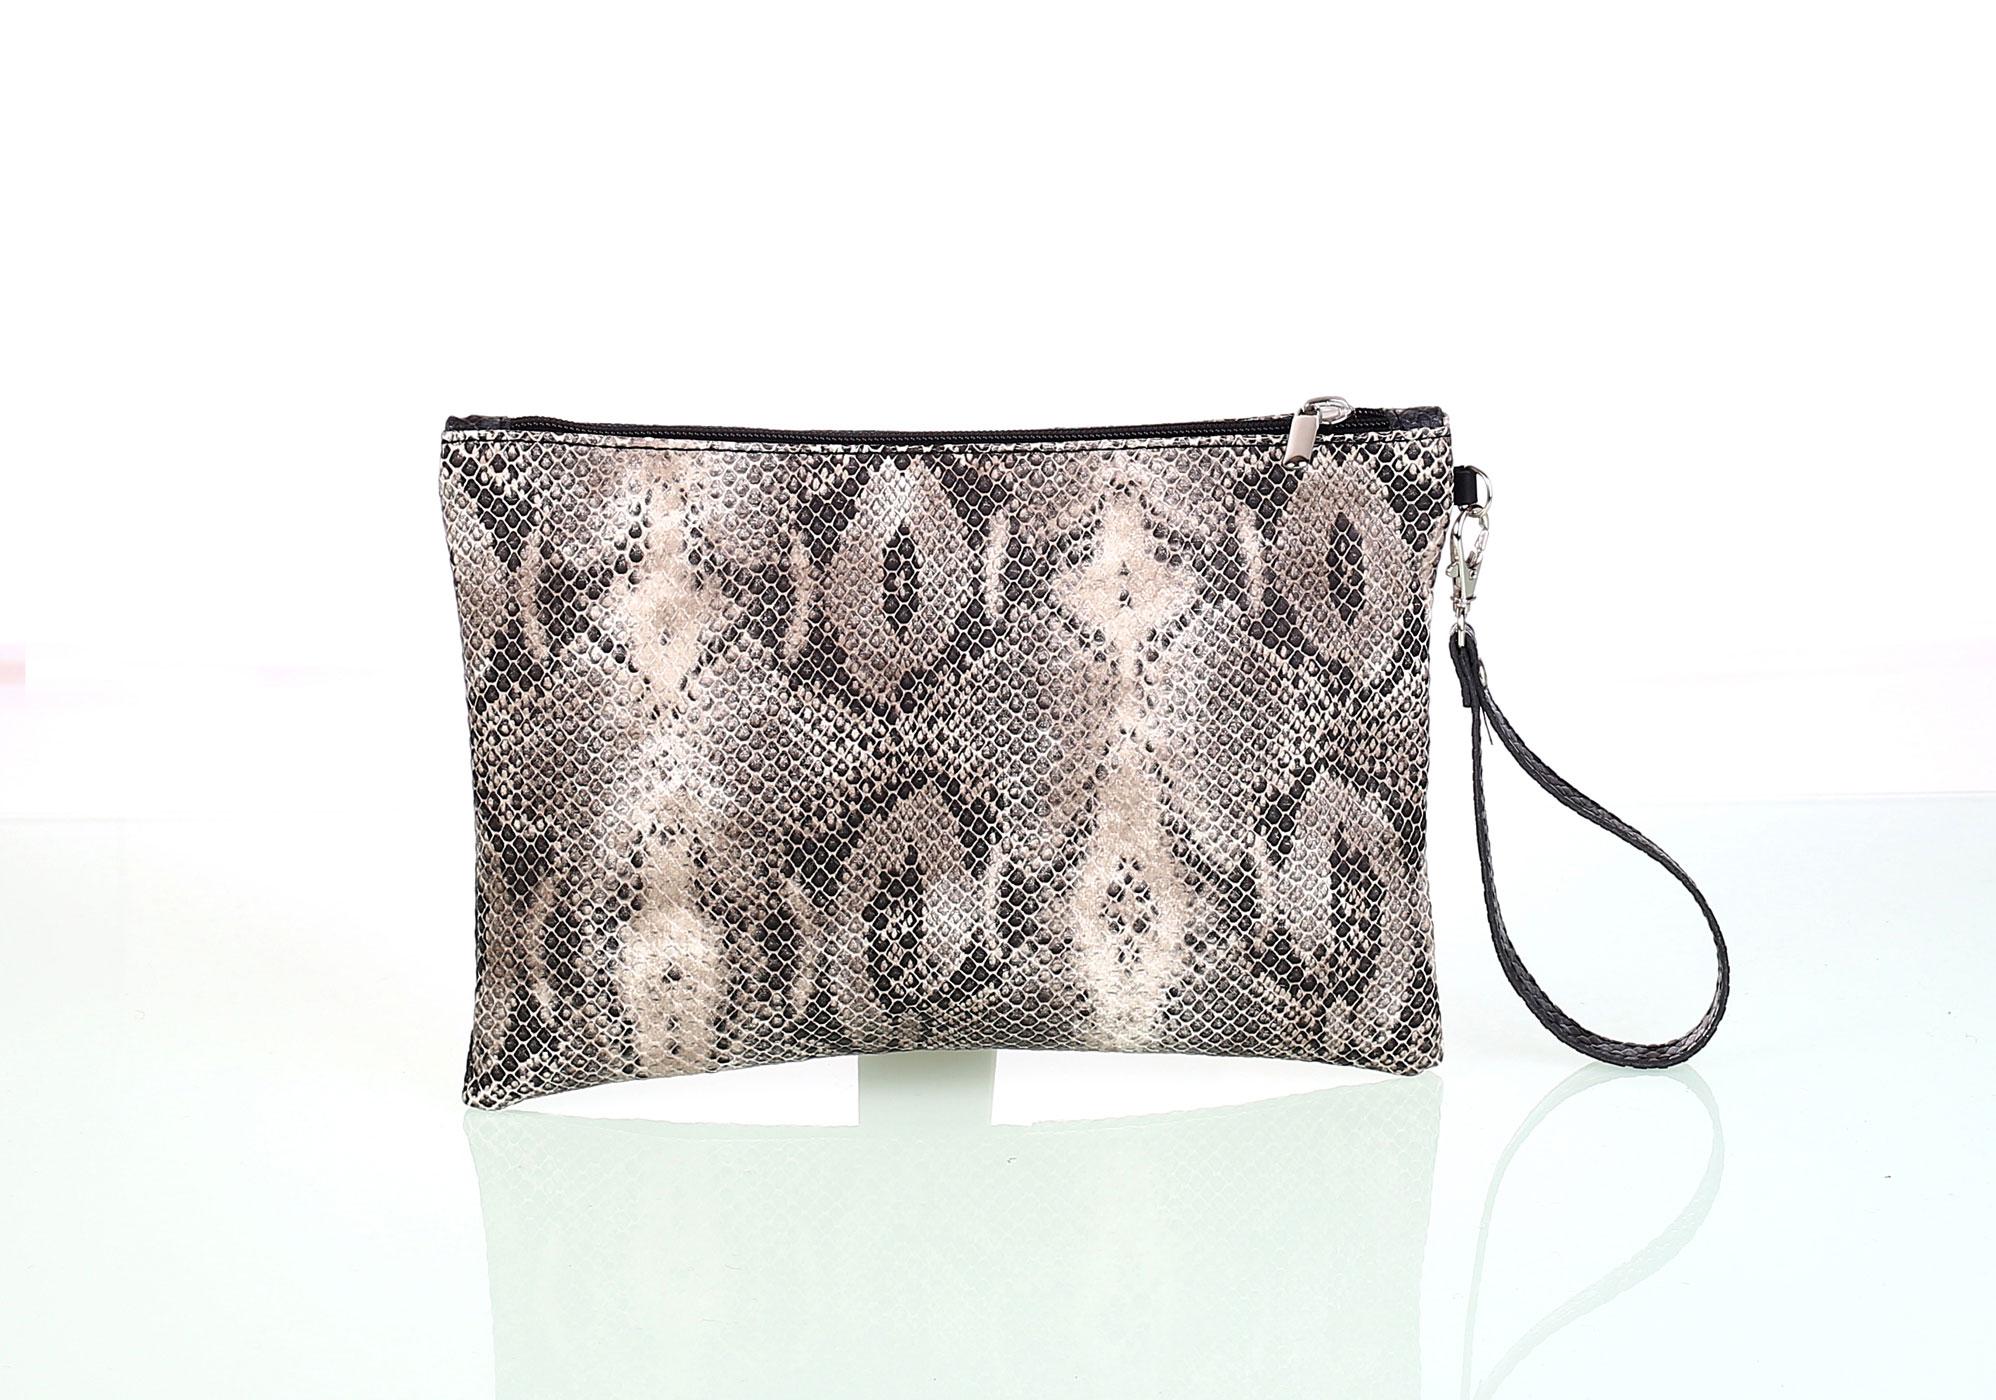 Listová dámska kabelka z eko kože Kbas imitácia hada béžová  e19a0976c22